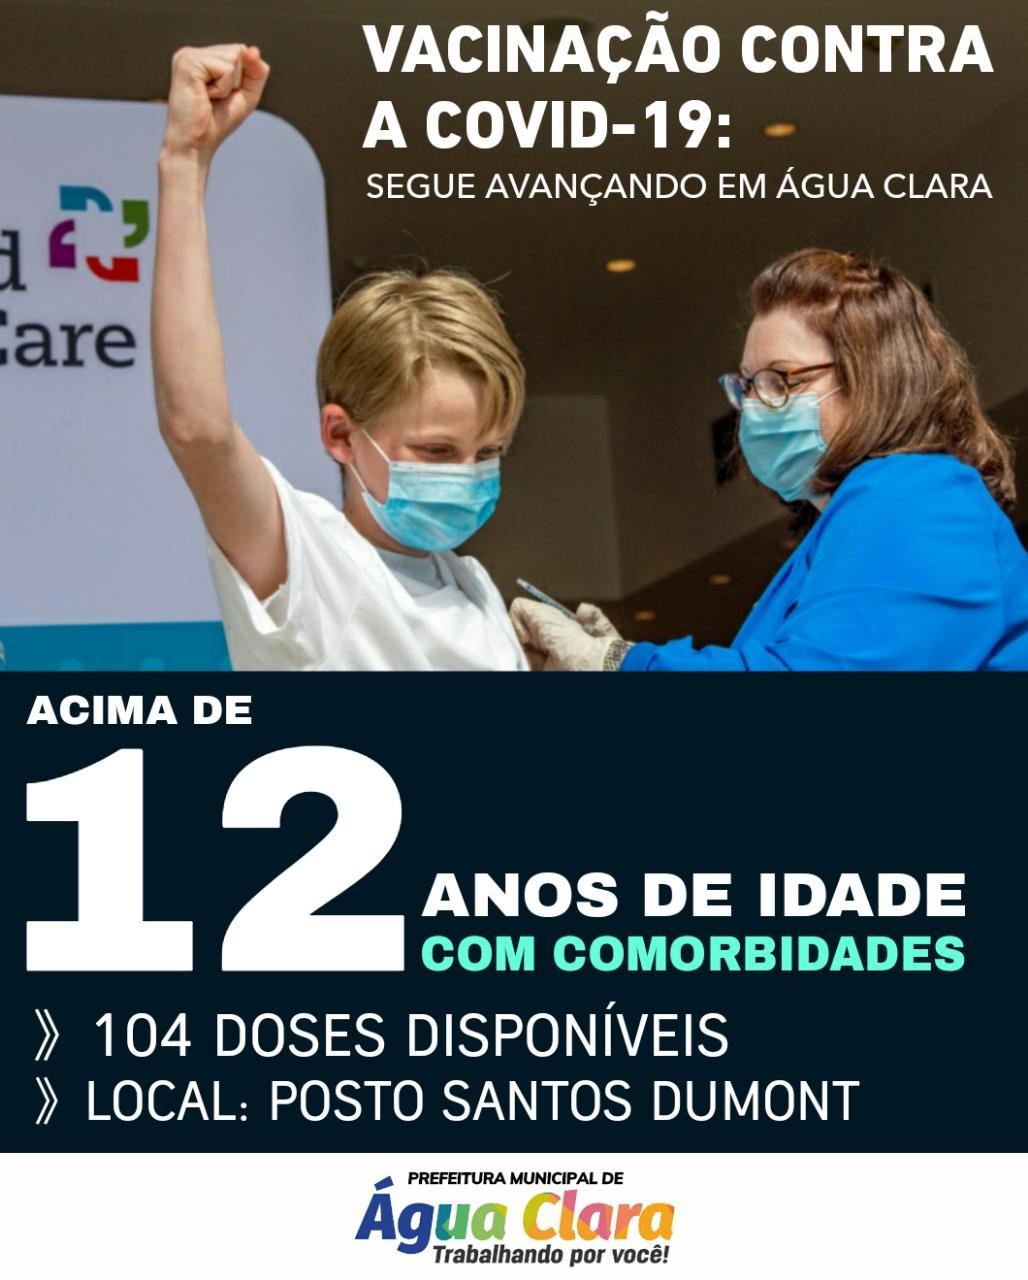 VACINAÇÃO CONTRA A COVID-19 AVANÇA EM ÁGUA CLARA: